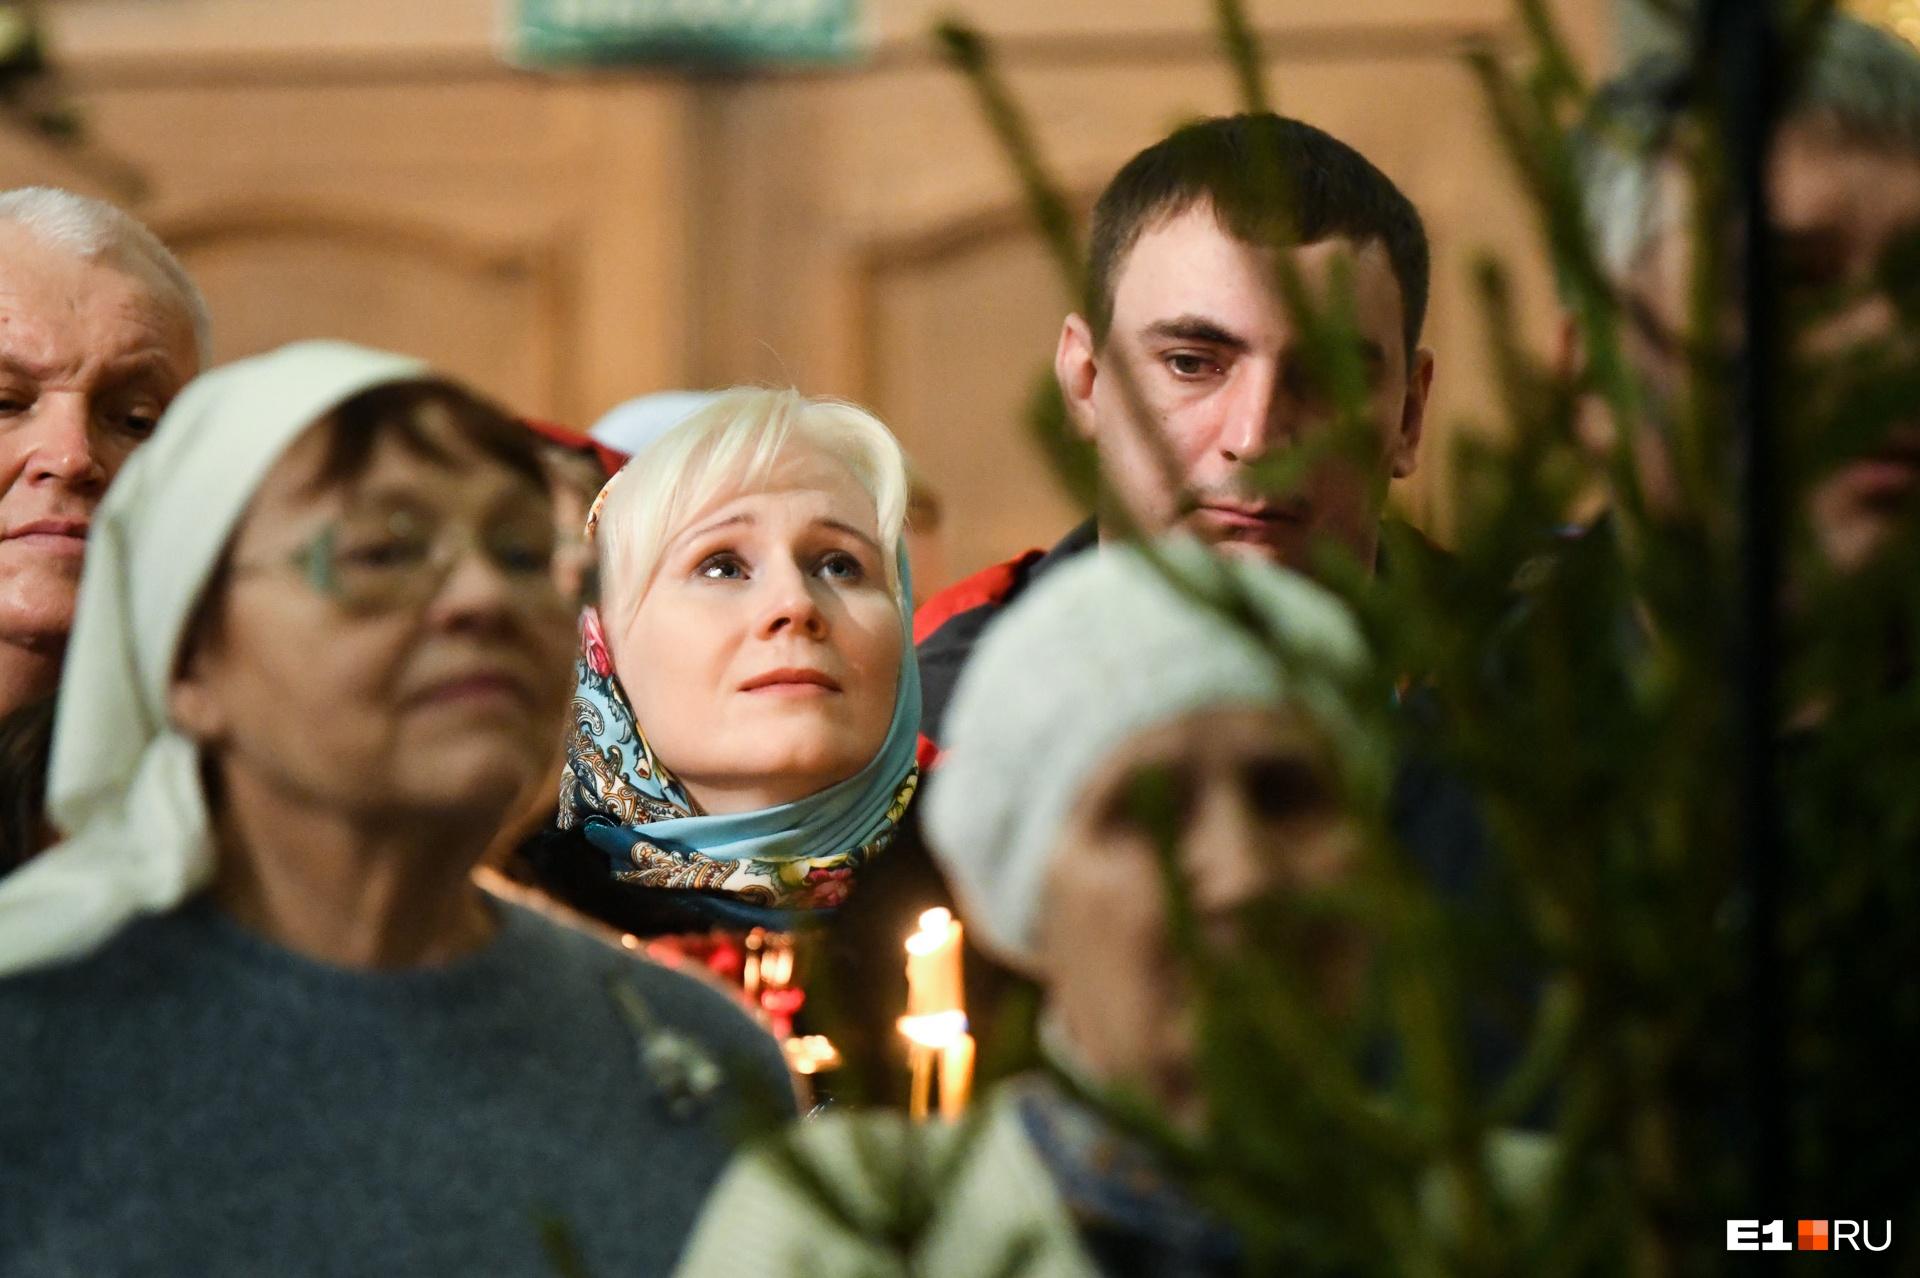 Для многих Рождество — священный праздник. Он наполняет душу светлыми чувствами